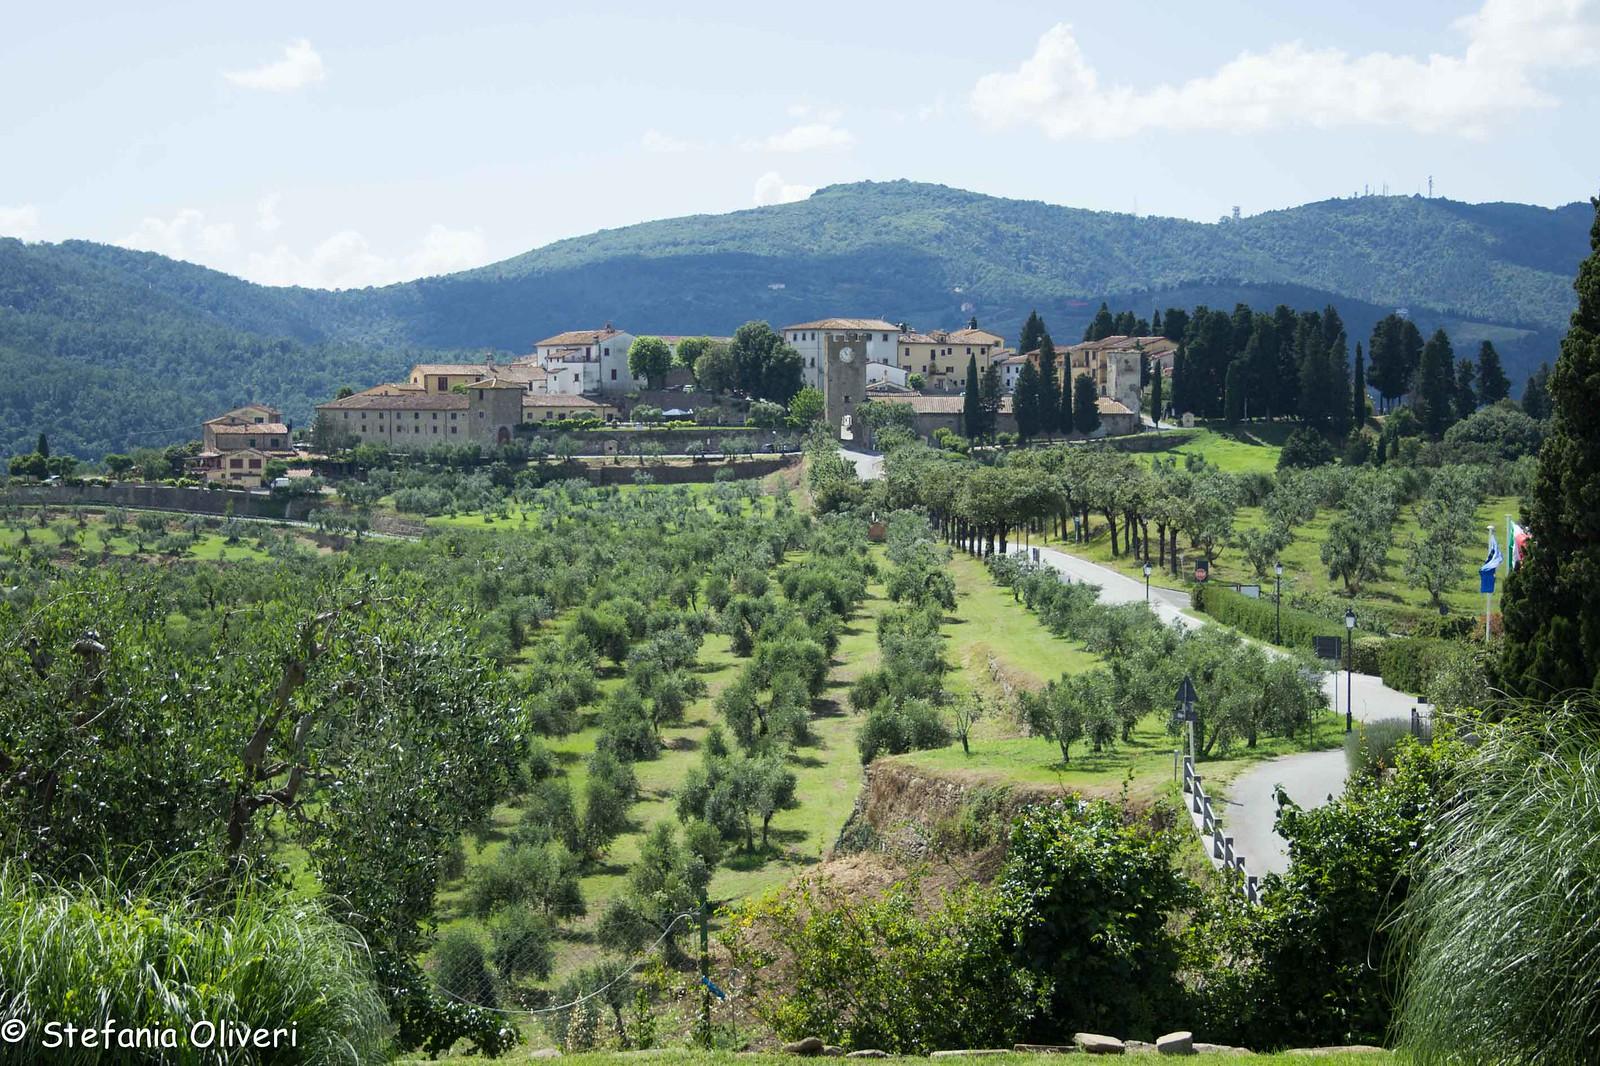 Prato Villa Artimino 4